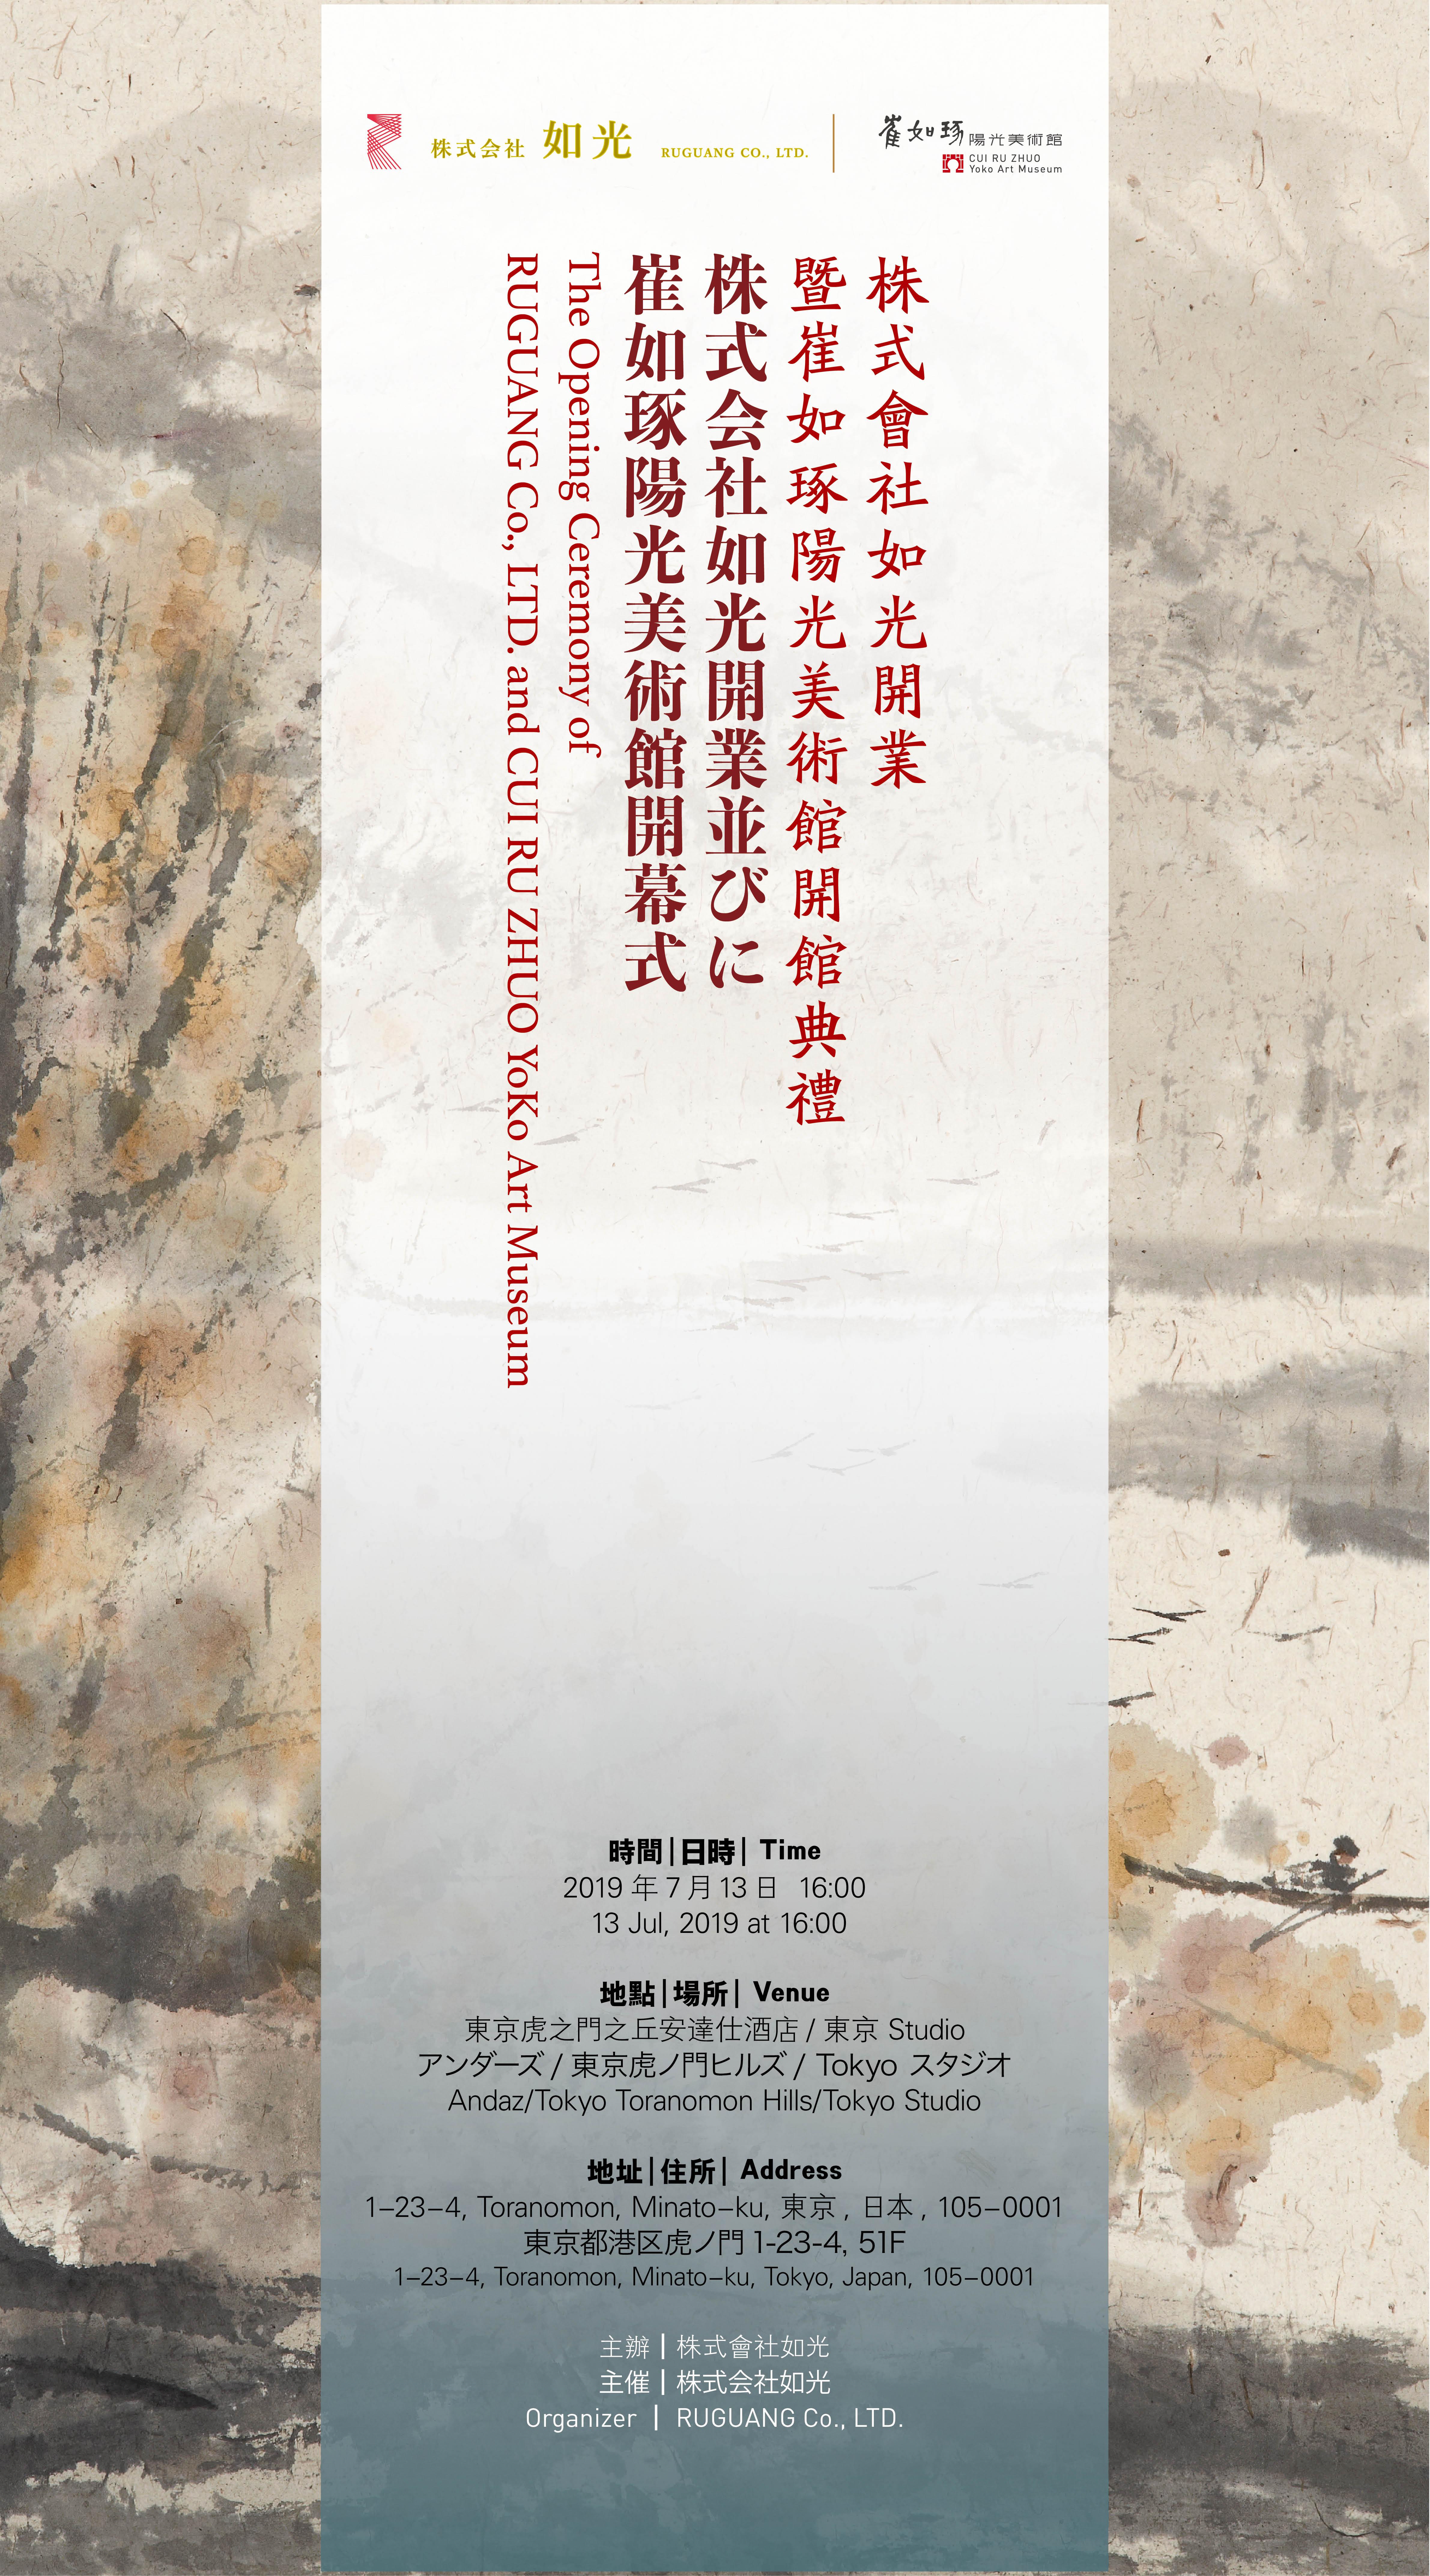 日本 習字 展 2019